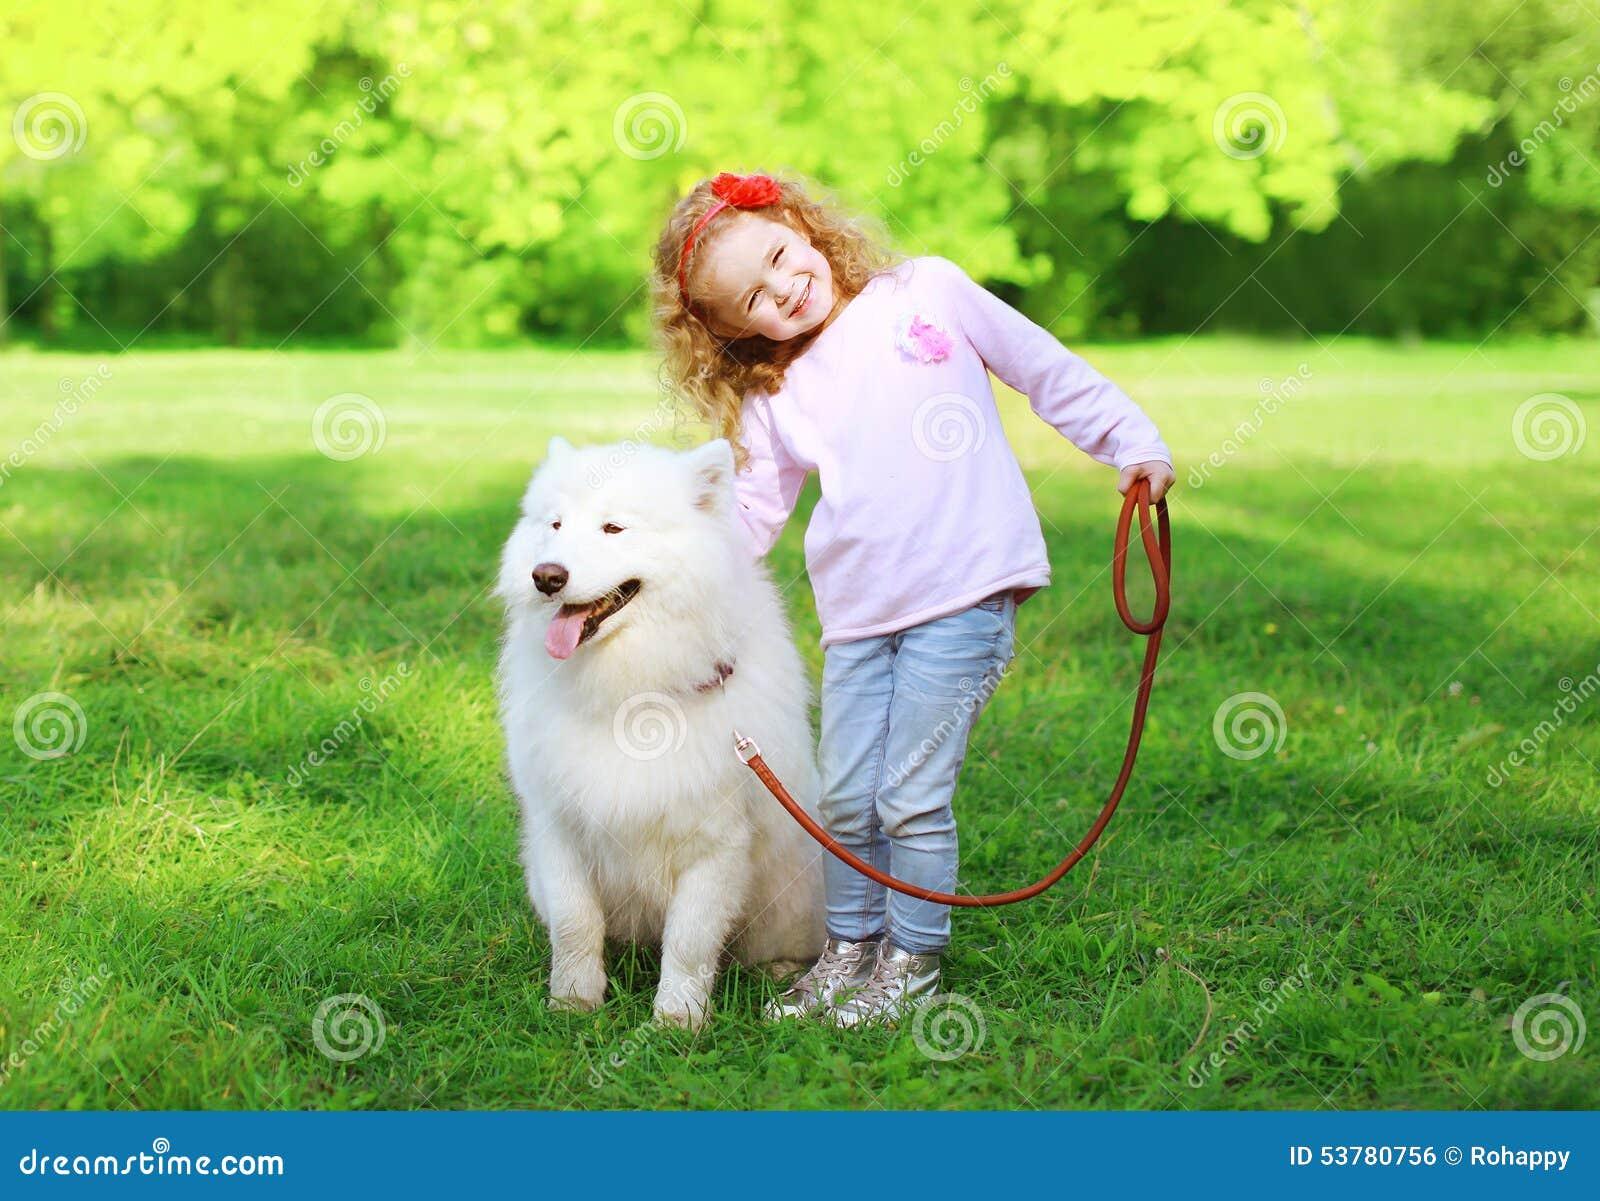 Szczęśliwy dziecko z białym Samoyed psem na trawie